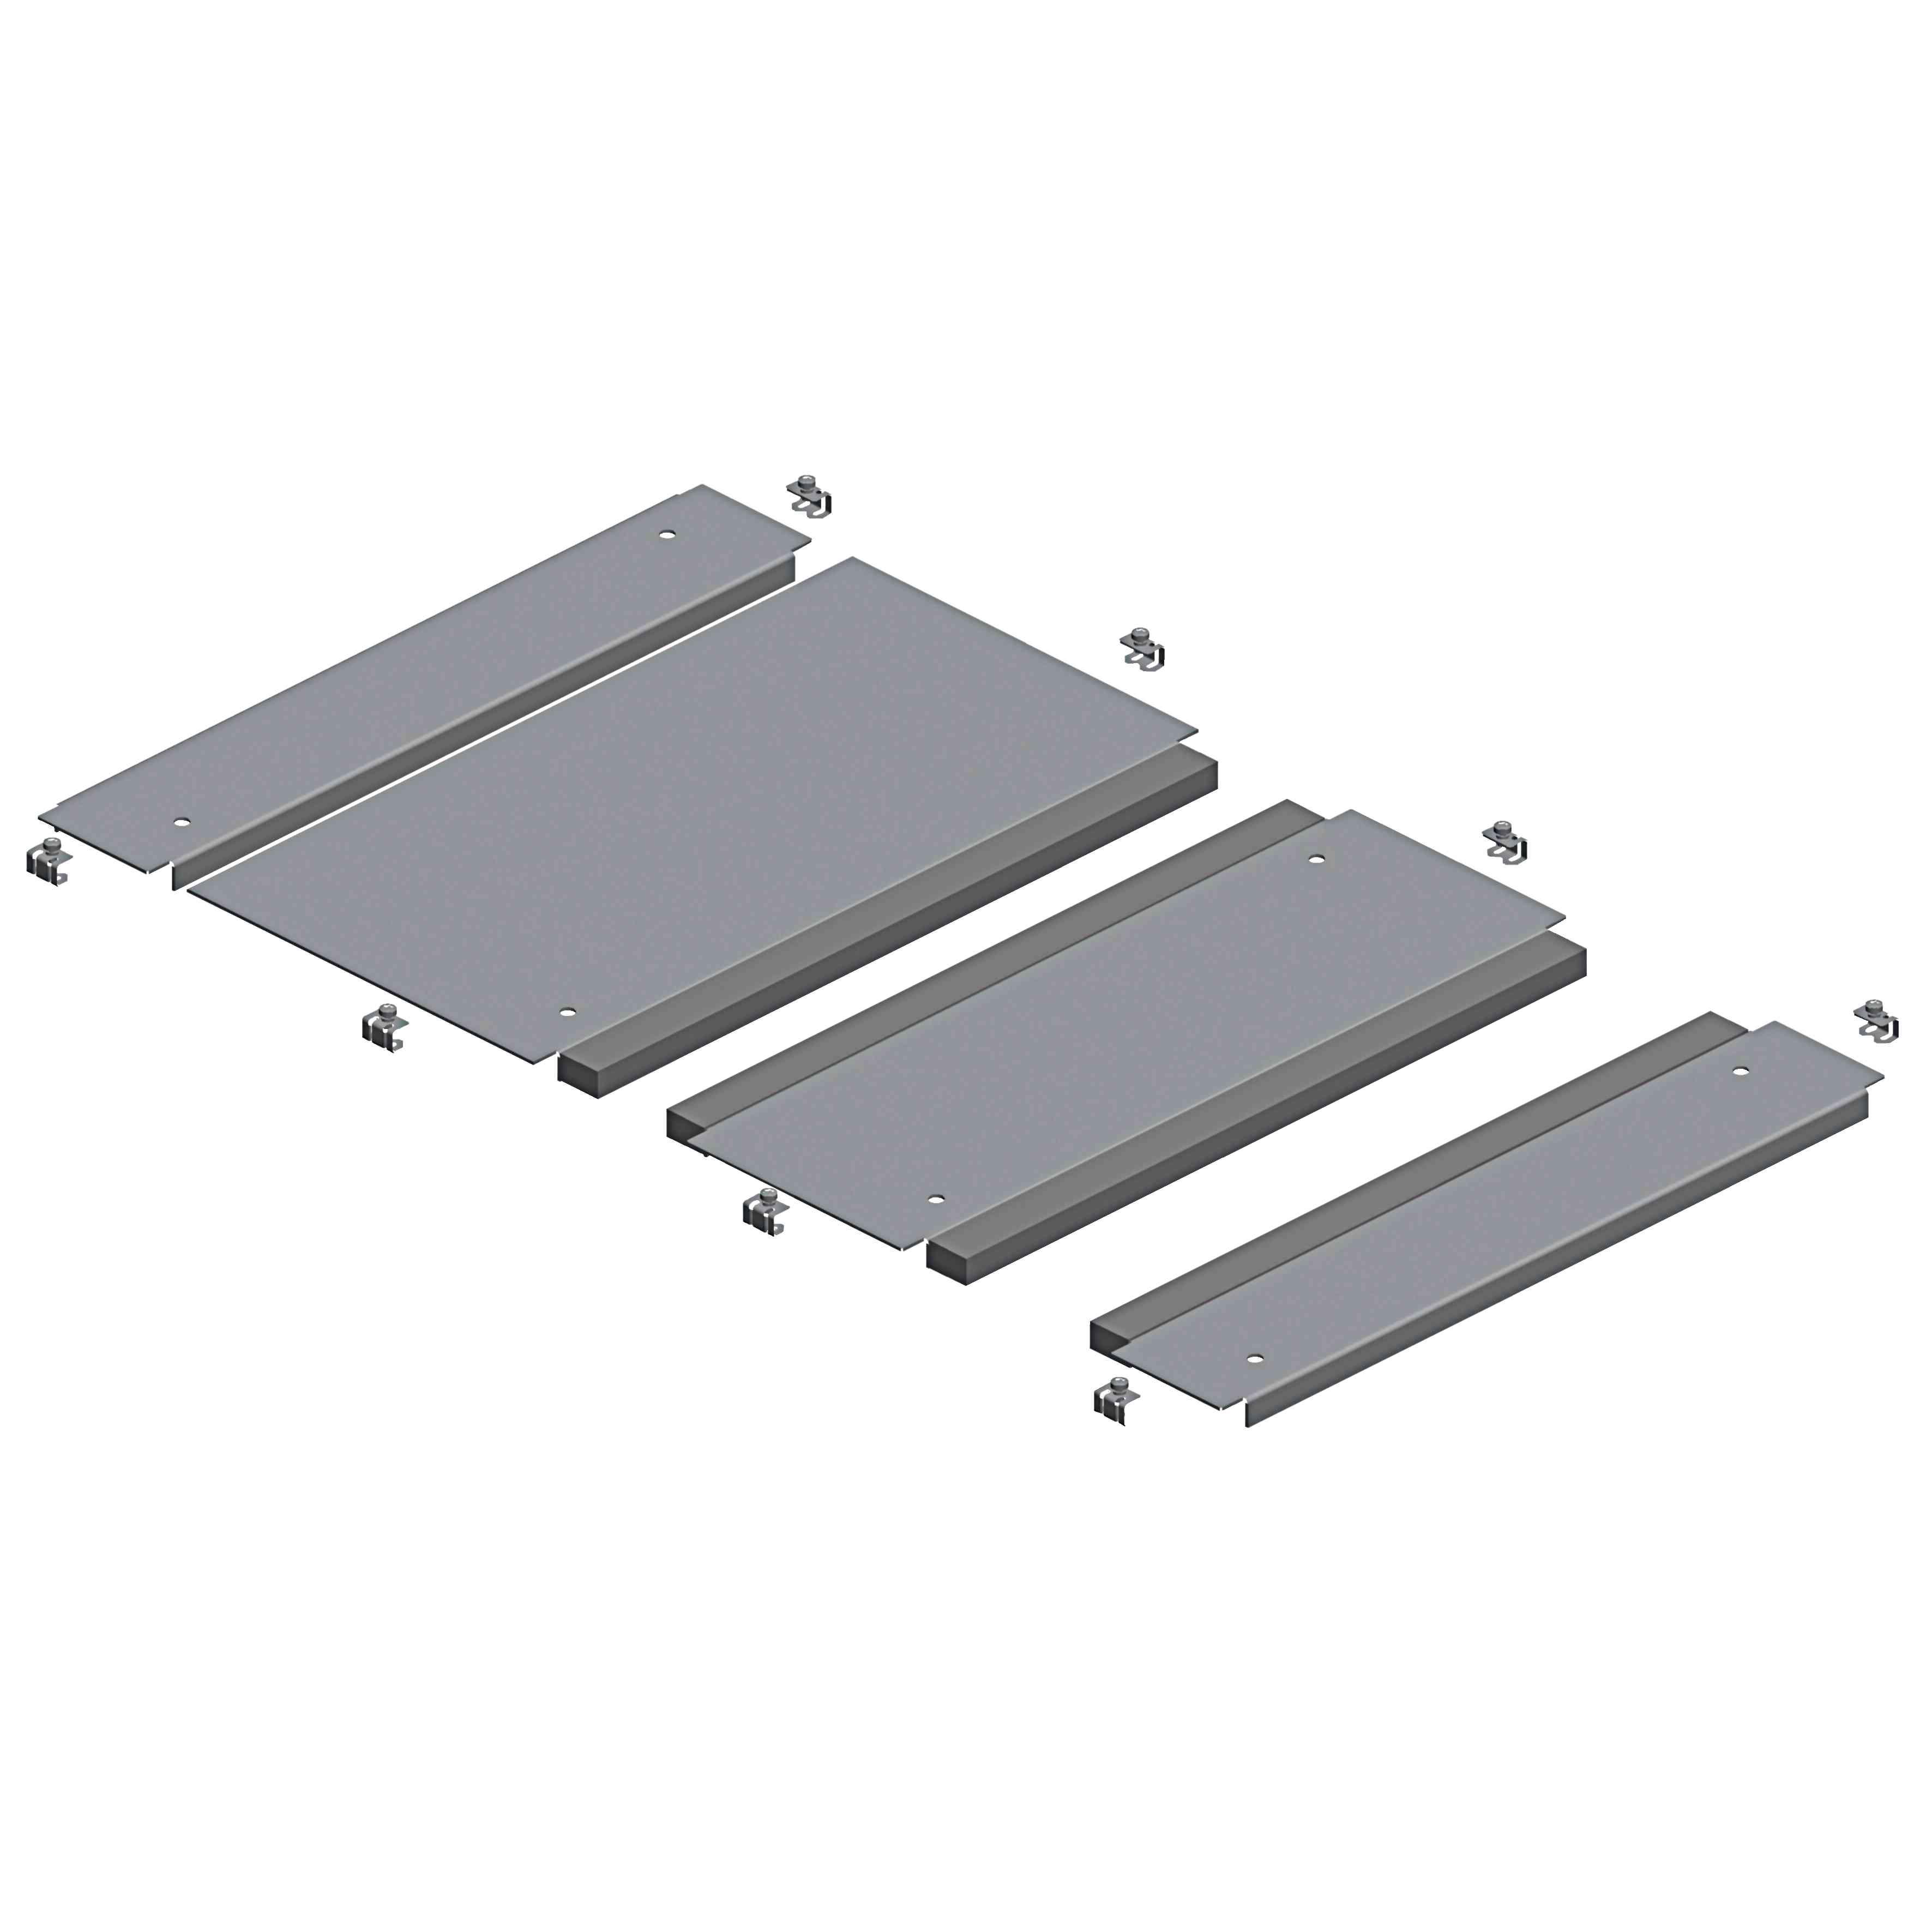 Spacial SF plošča kab. uvodnice z 2 vh. - pritr. s sponkami - 600 x 800 mm